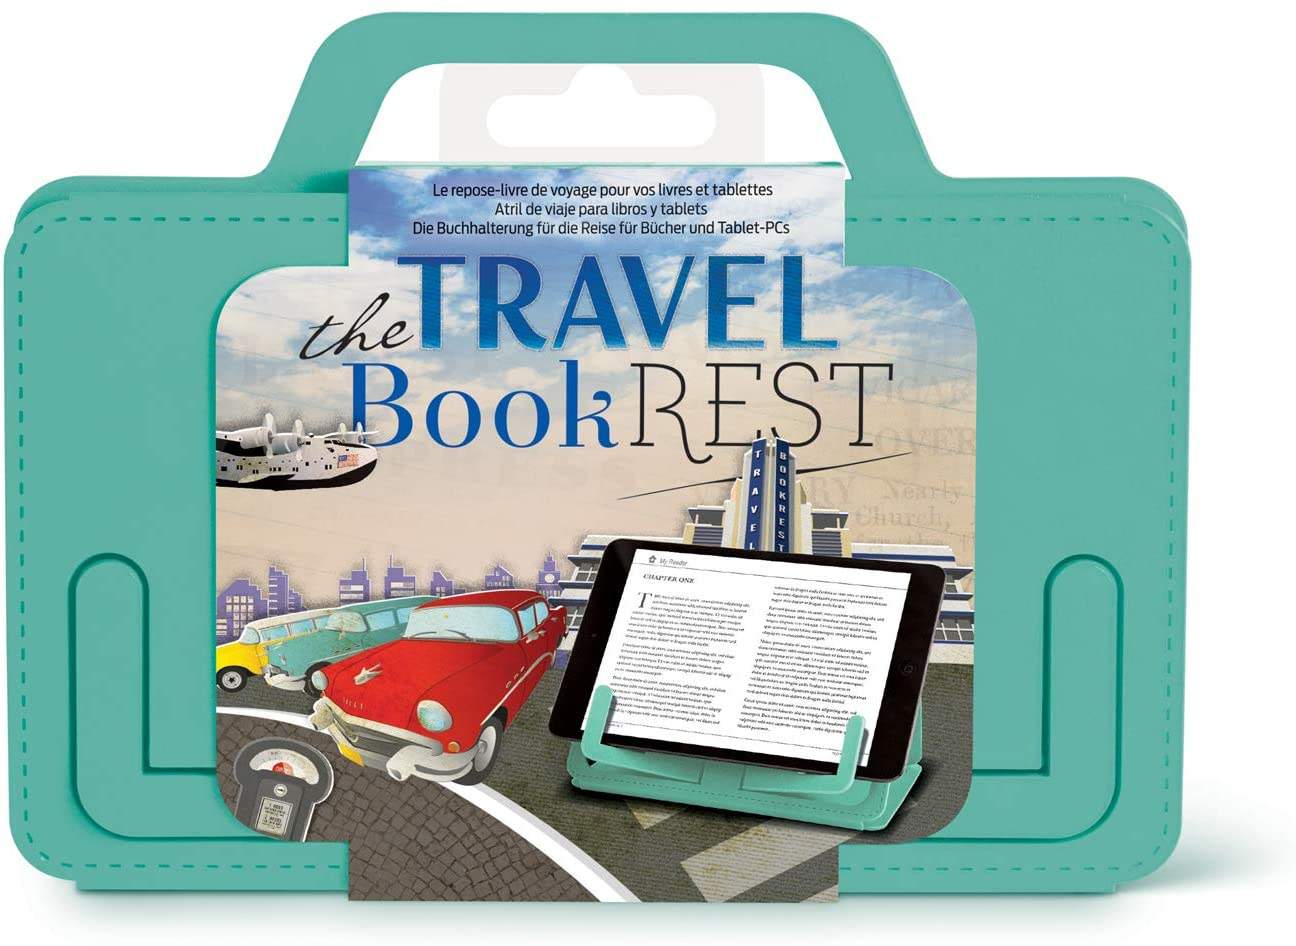 Travel Book Rest in Seafoam Green